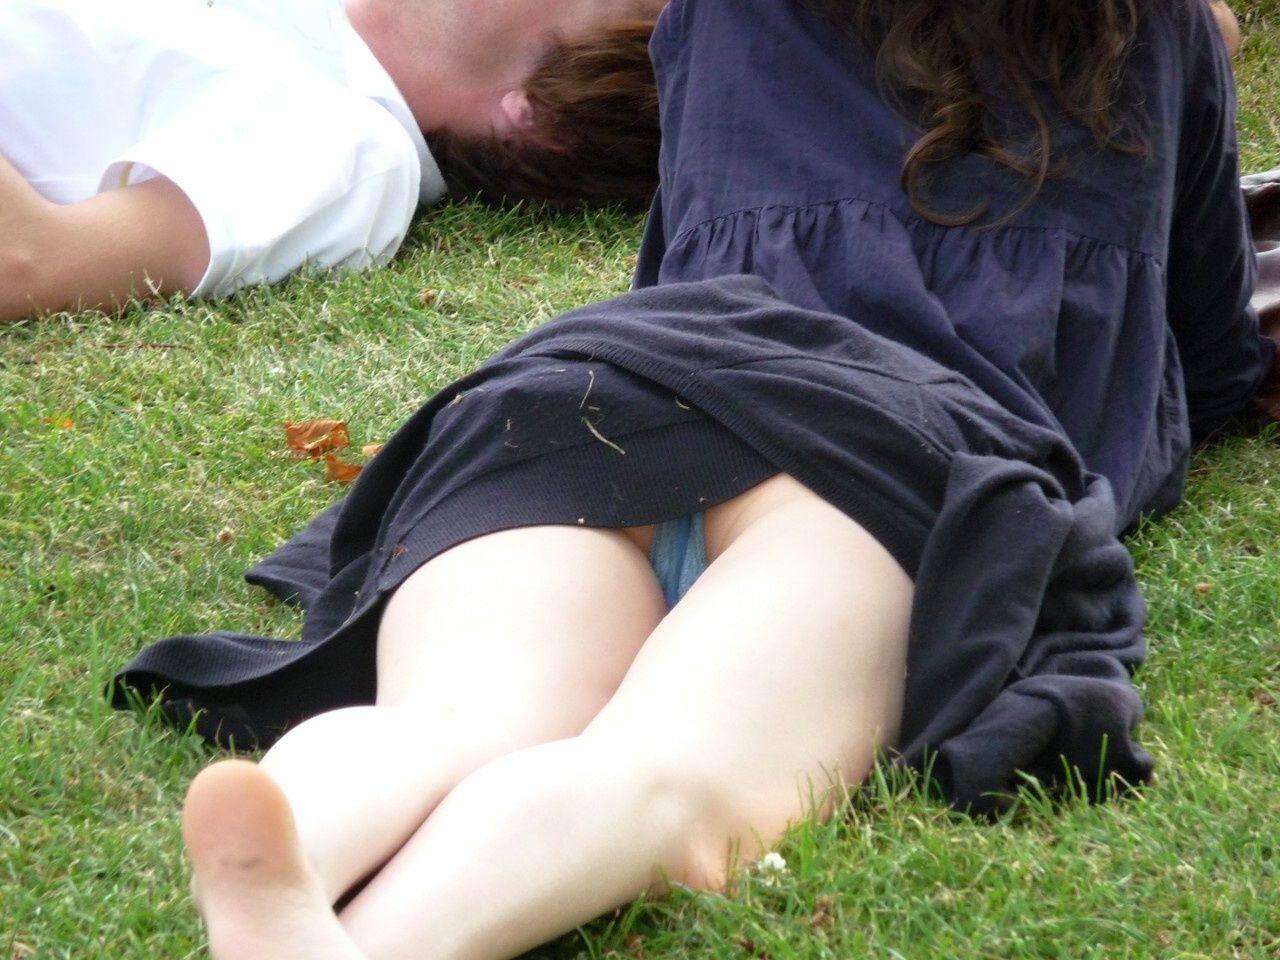 【パンチラエロ画像】晴れの休日に公園行けば大収穫のミニスカパンチラ(;´Д`)